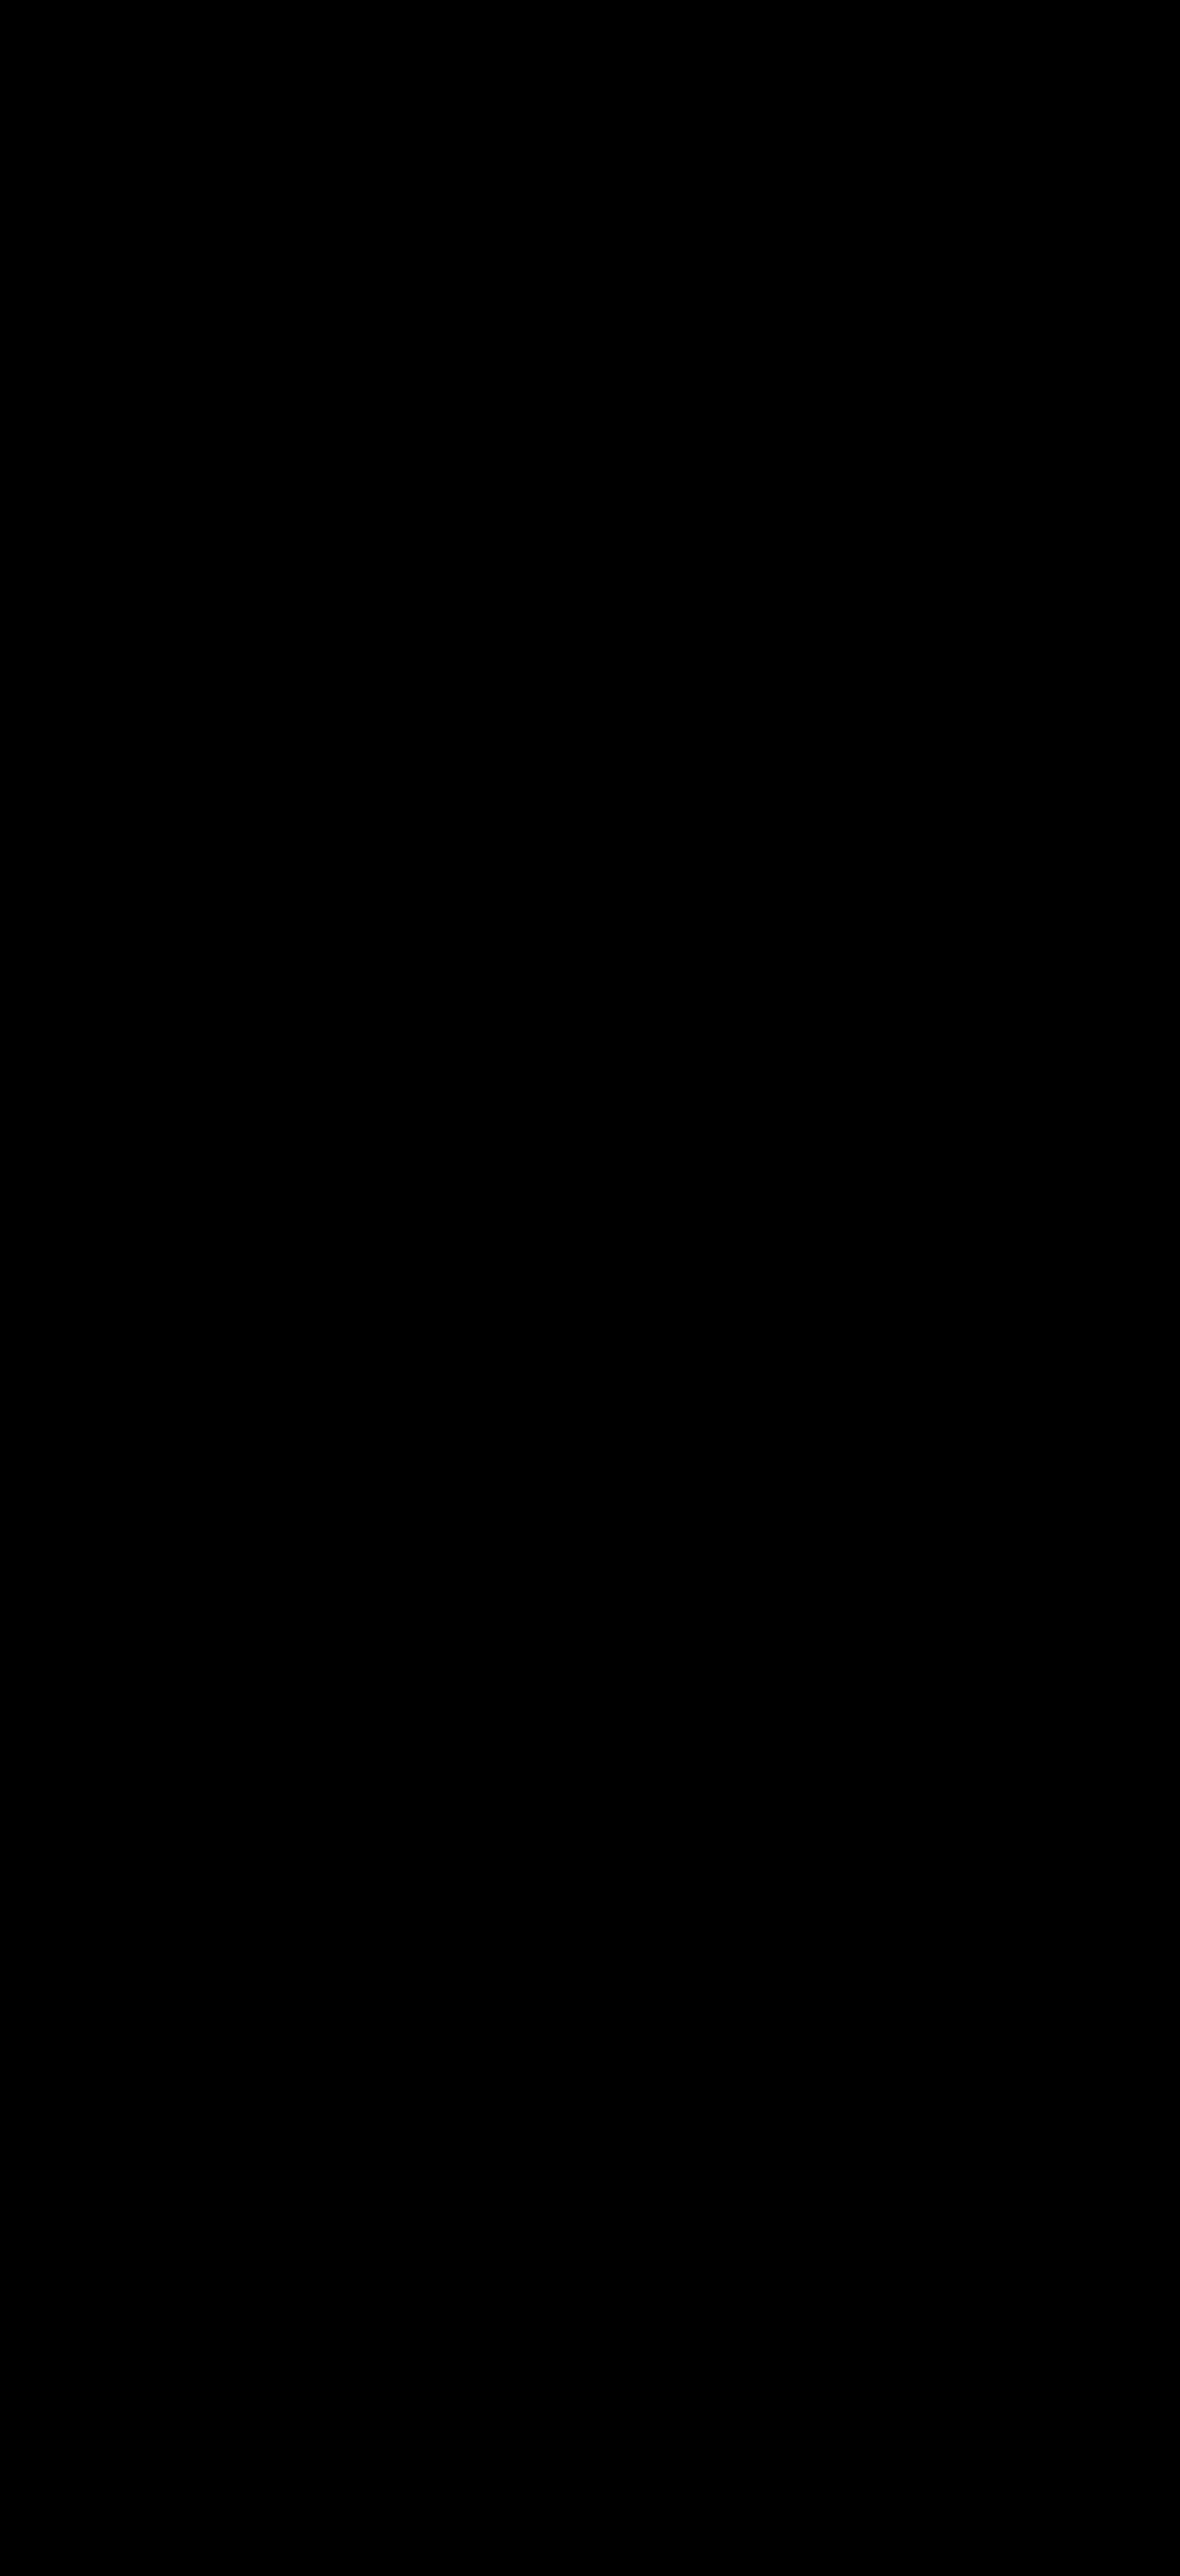 El comercio y transporte entre Ontario y Mexico